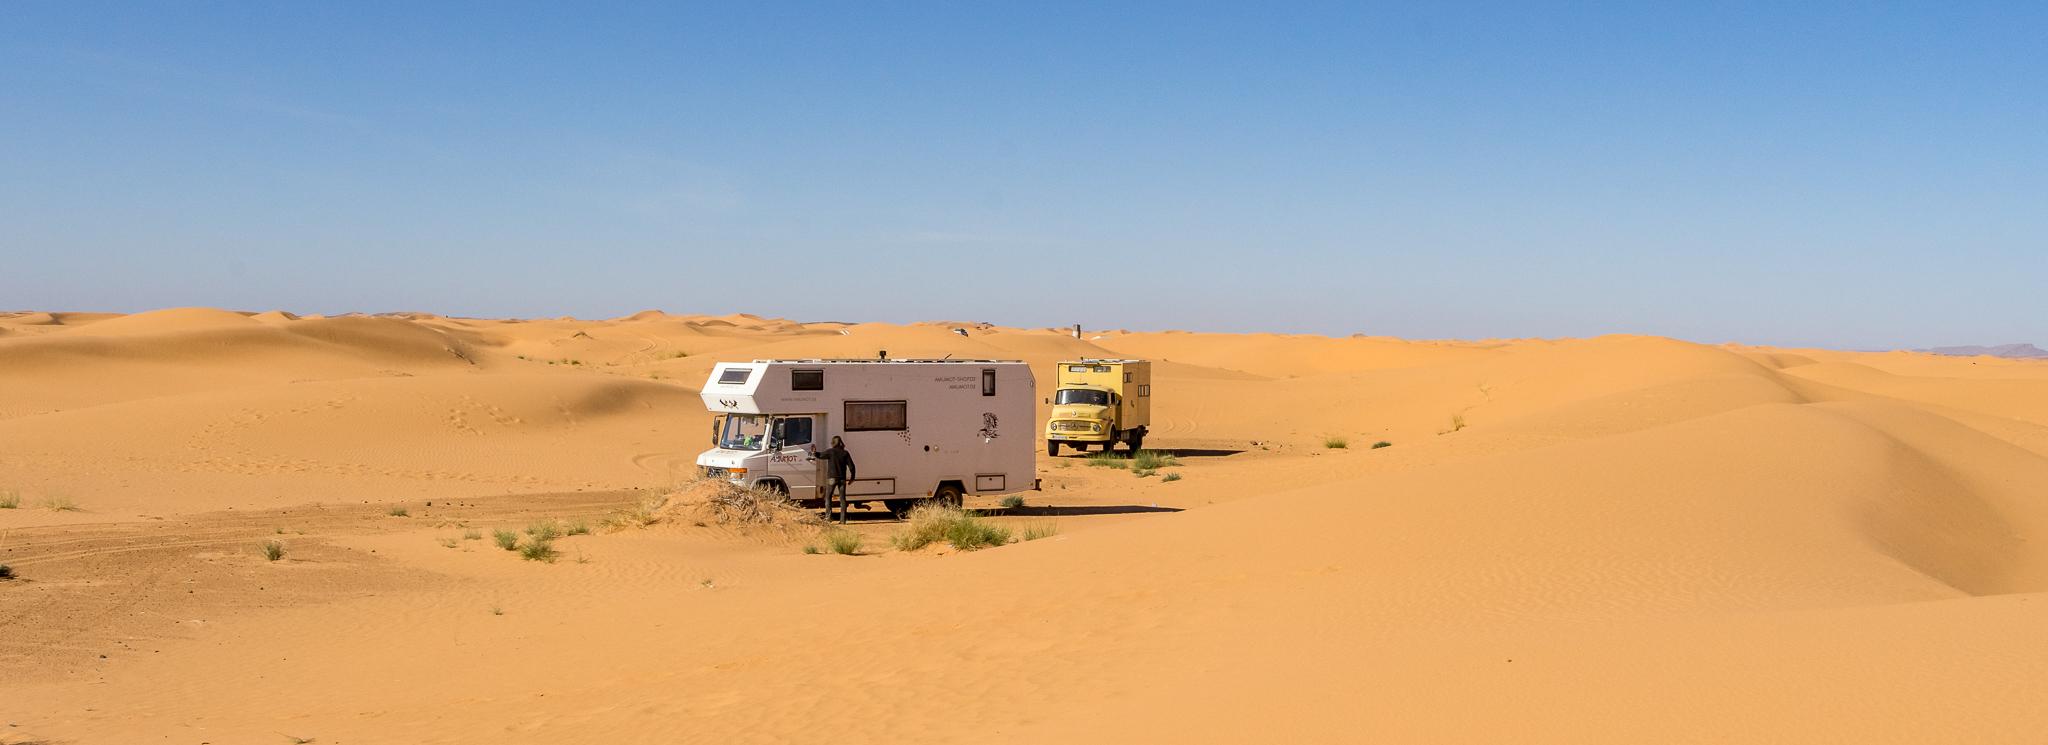 Marokko IV: Erg Chebbi – Motorkamele im Wüstensand